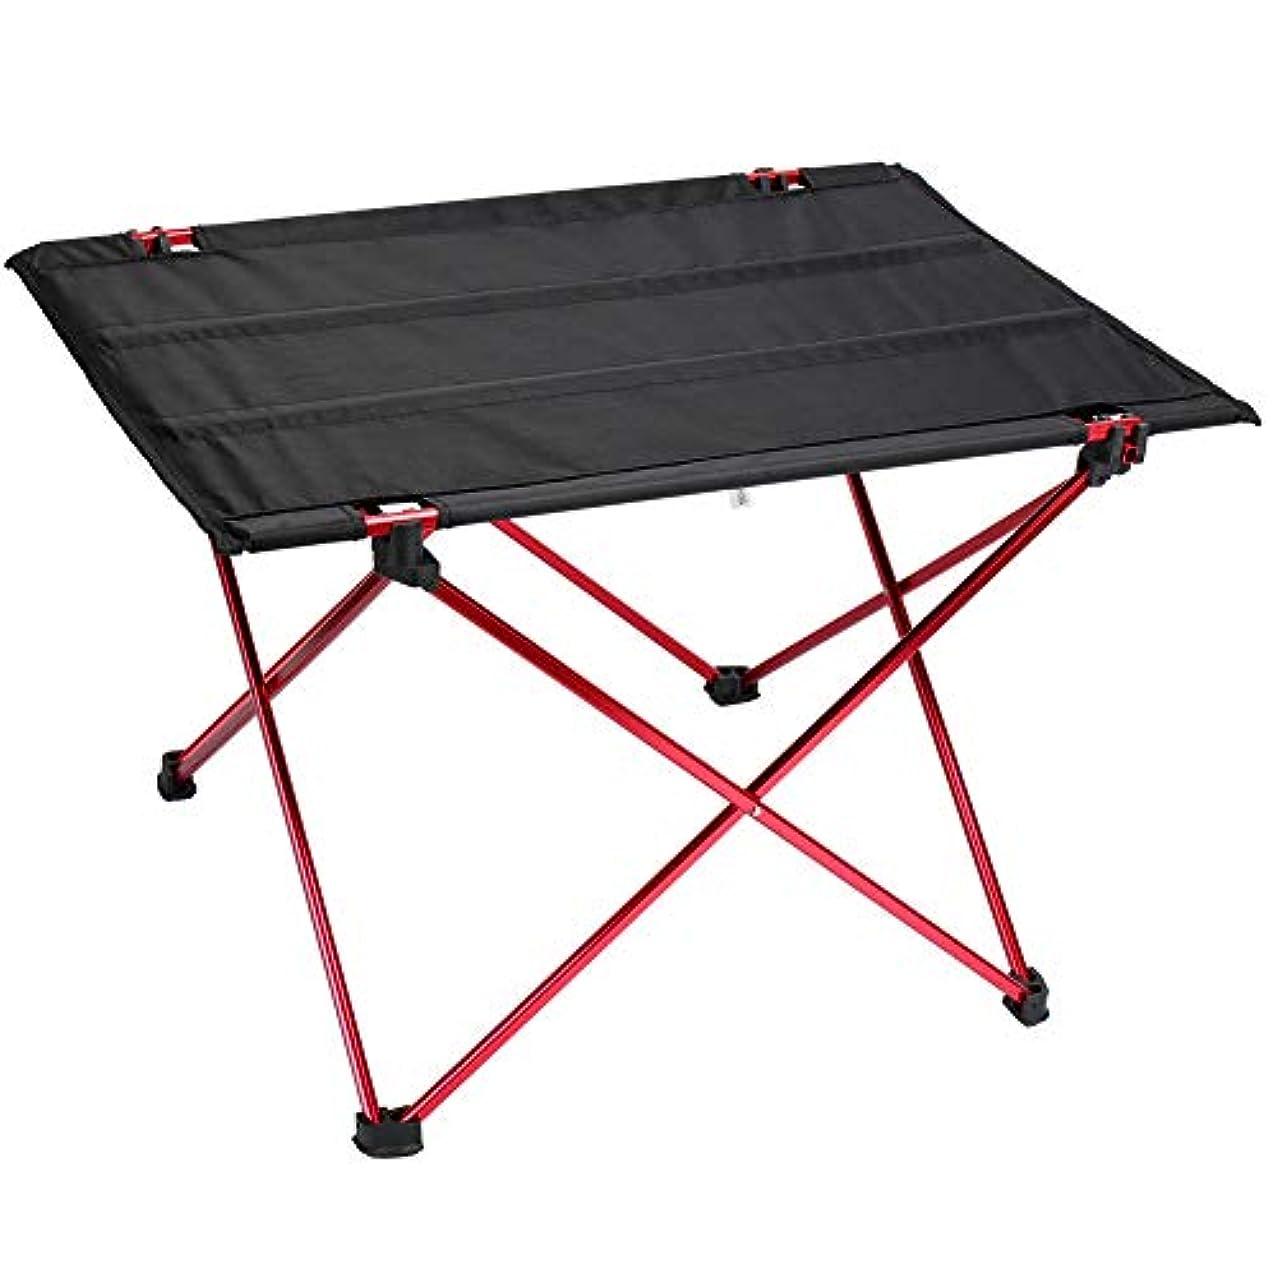 パノラマ立法ネクタイAPIE アウトドアテーブル 折り畳みテーブル 軽量 ロールテーブル キャンプ テーブル用 BBQアウトドア テーブルオックスフォード ビーチ 収納バック付き